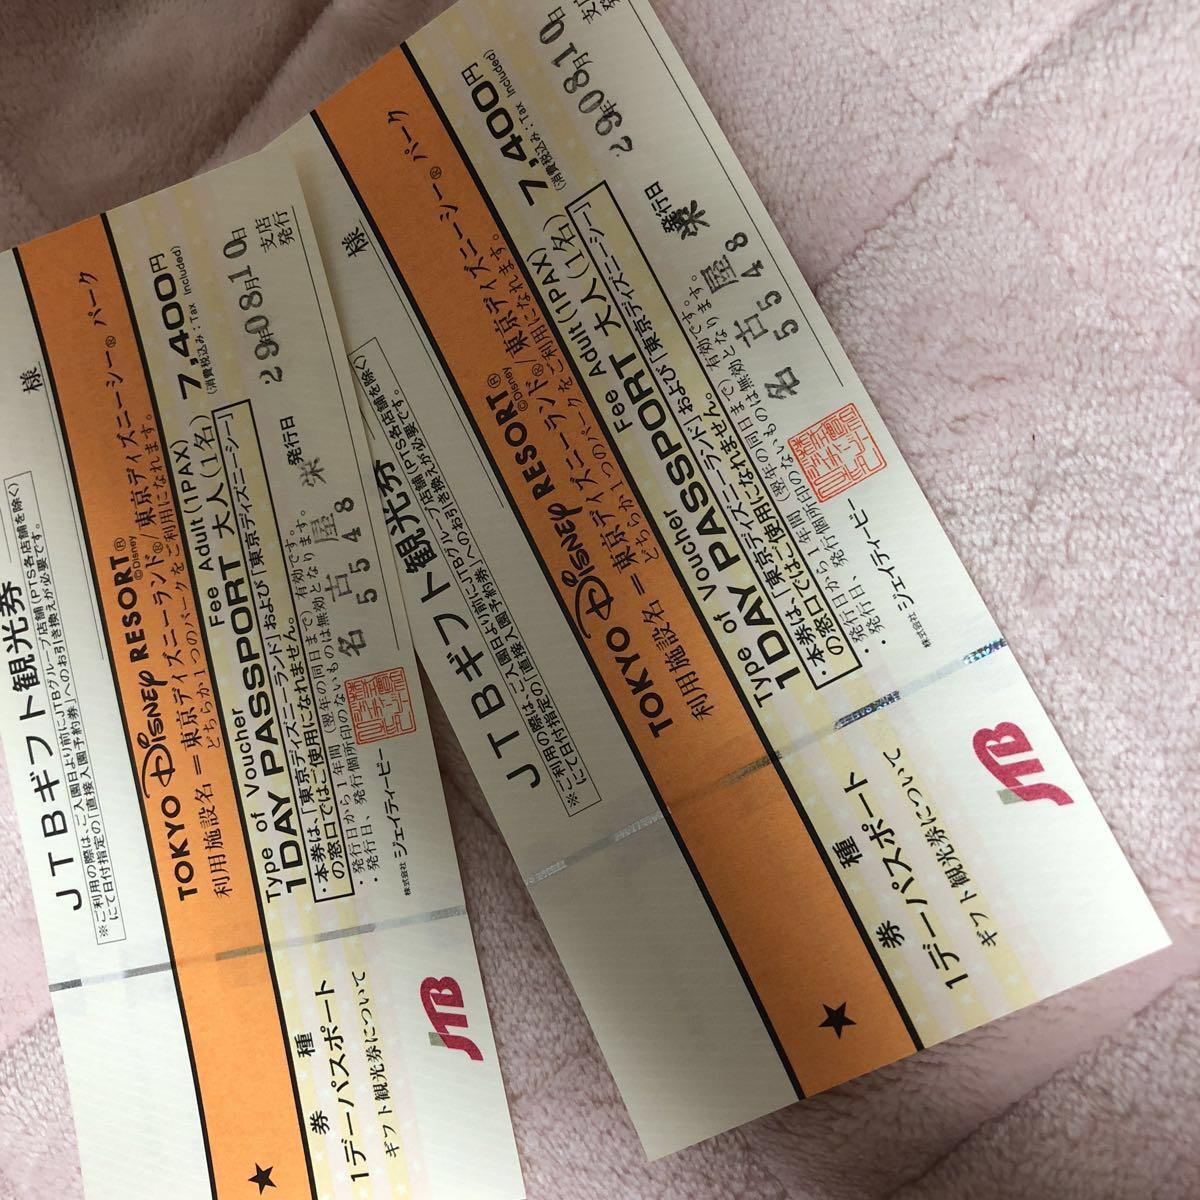 ディズニーリゾート ペアチケット(1人用チケット2枚) 1デーパスポート 有効期限2018年8月10日 JTBギフト観光券